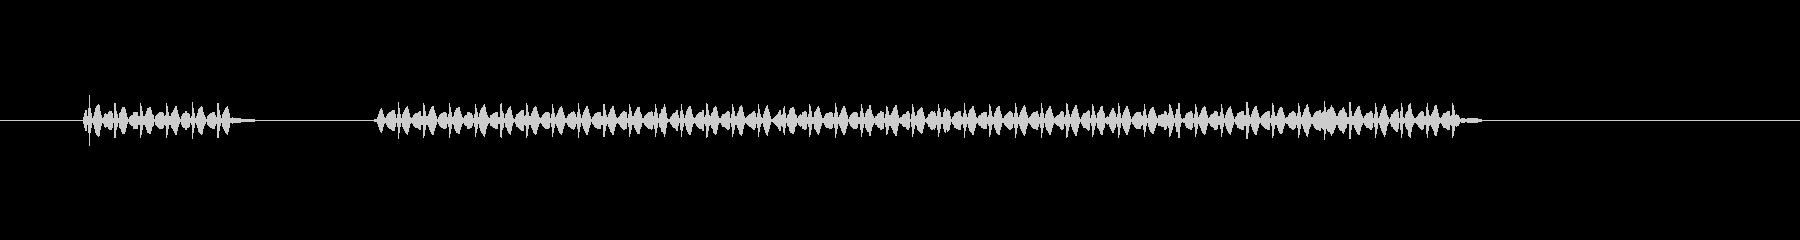 ぶっぶー。シンプルなクイズ不正解音。選…の未再生の波形